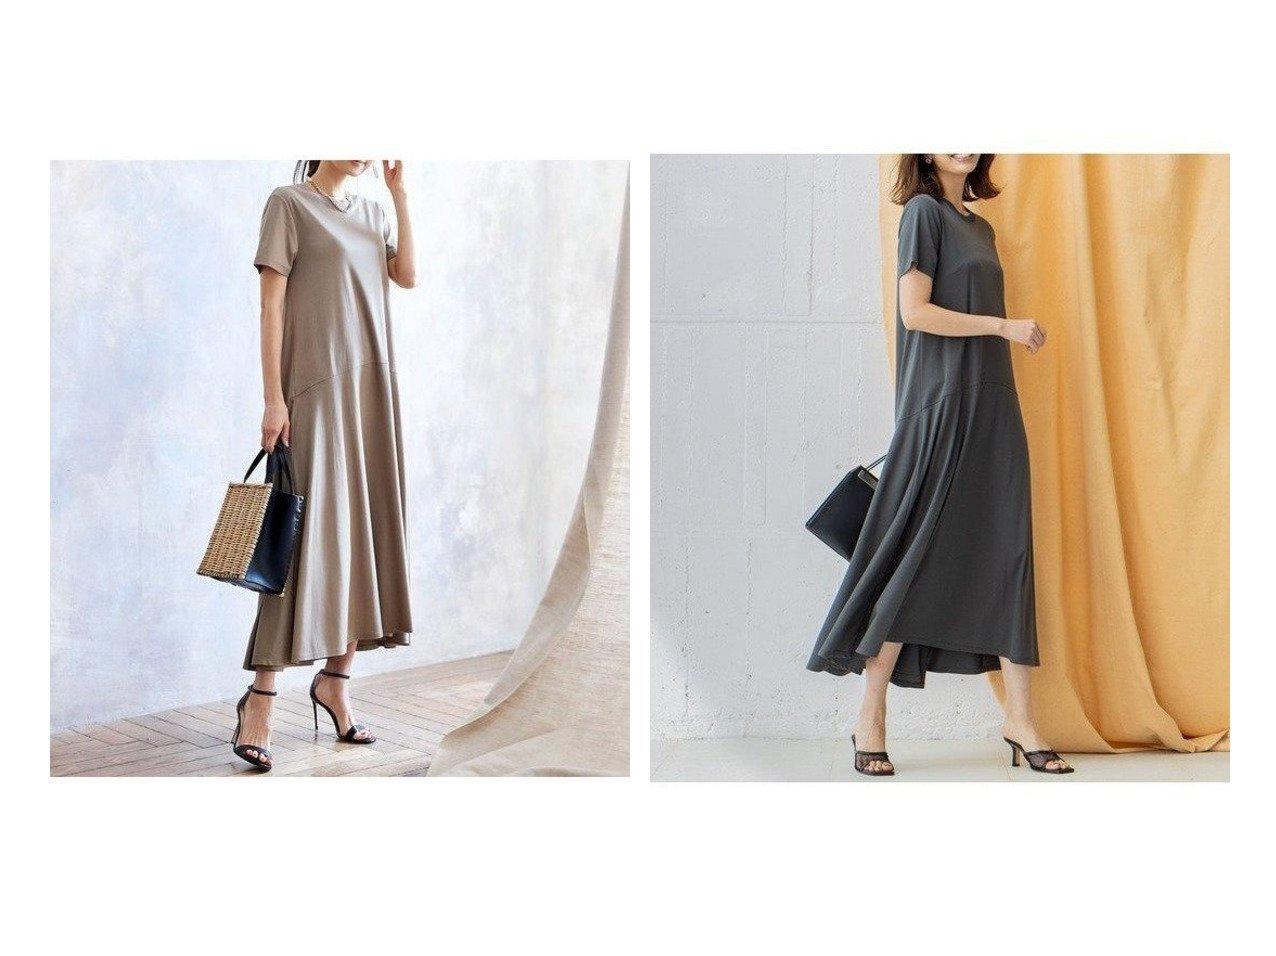 【iCB/アイシービー】のSmooth カットソーワンピース ワンピース・ドレスのおすすめ!人気、トレンド・レディースファッションの通販 おすすめで人気の流行・トレンド、ファッションの通販商品 メンズファッション・キッズファッション・インテリア・家具・レディースファッション・服の通販 founy(ファニー) https://founy.com/ ファッション Fashion レディースファッション WOMEN ワンピース Dress アクセサリー カッティング 吸水 ジャージー フォルム ベーシック リラックス 送料無料 Free Shipping |ID:crp329100000013485